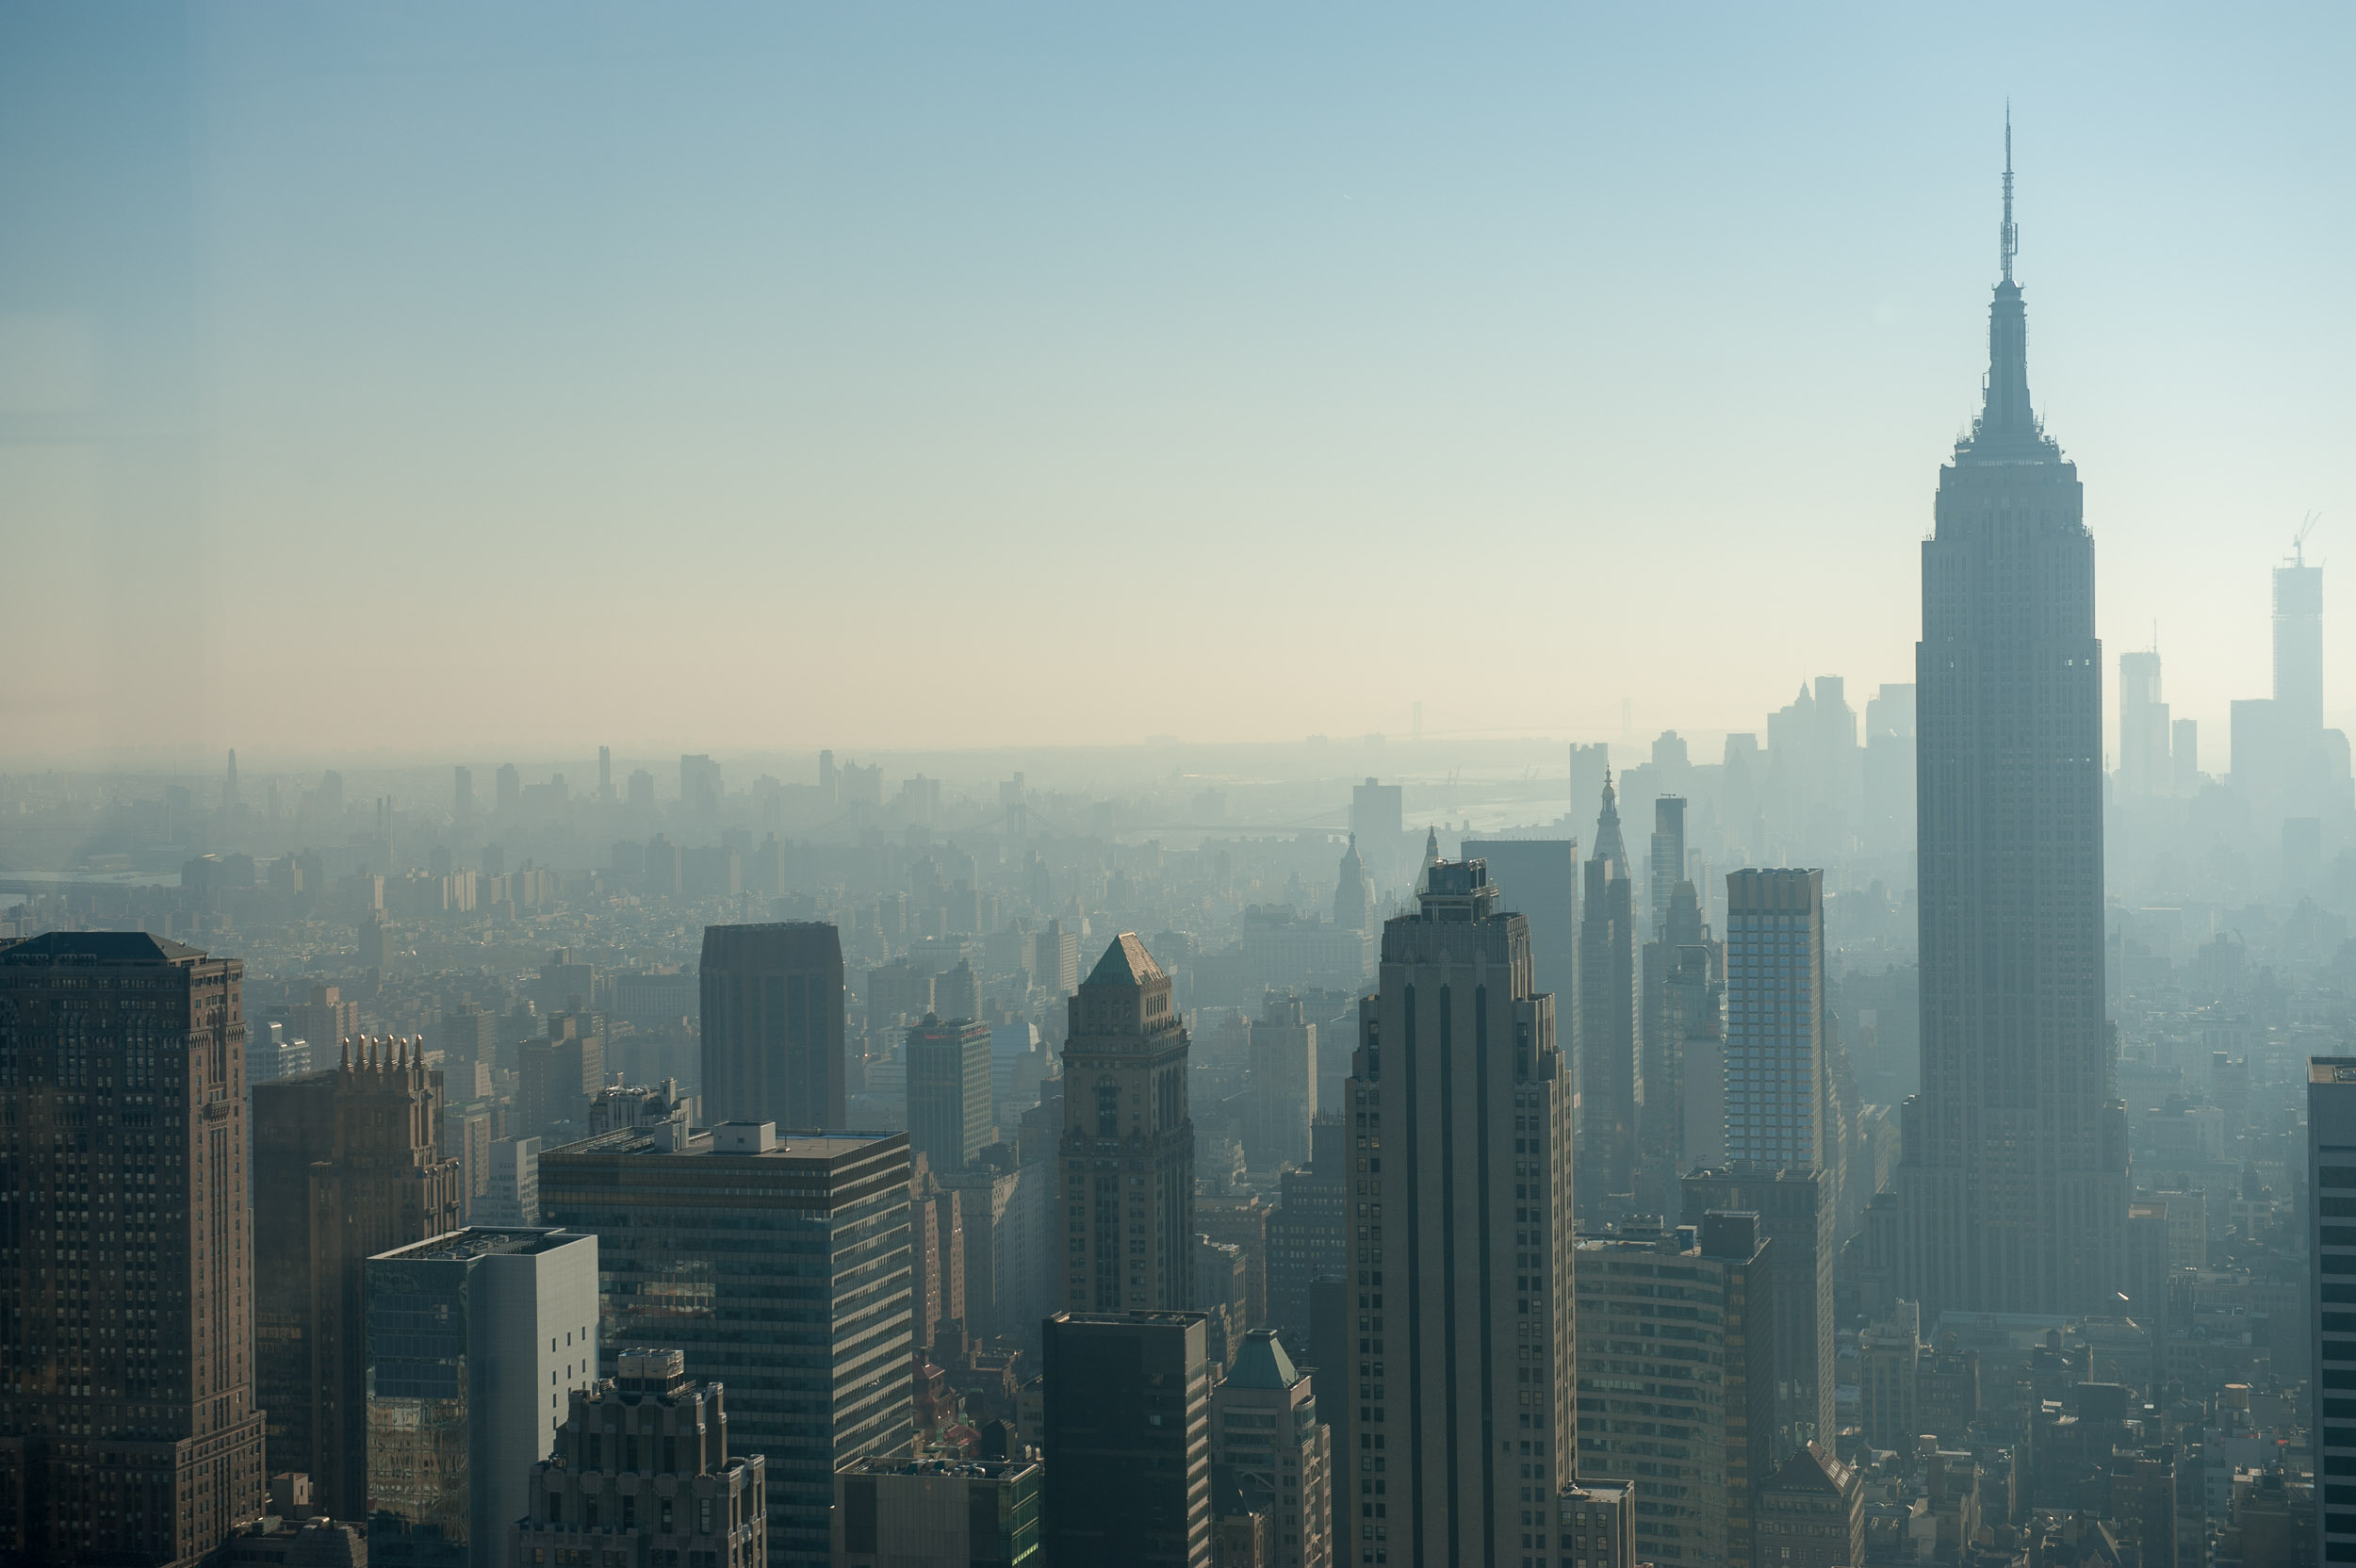 www.iaincrockart.com_landscape-8194.jpg